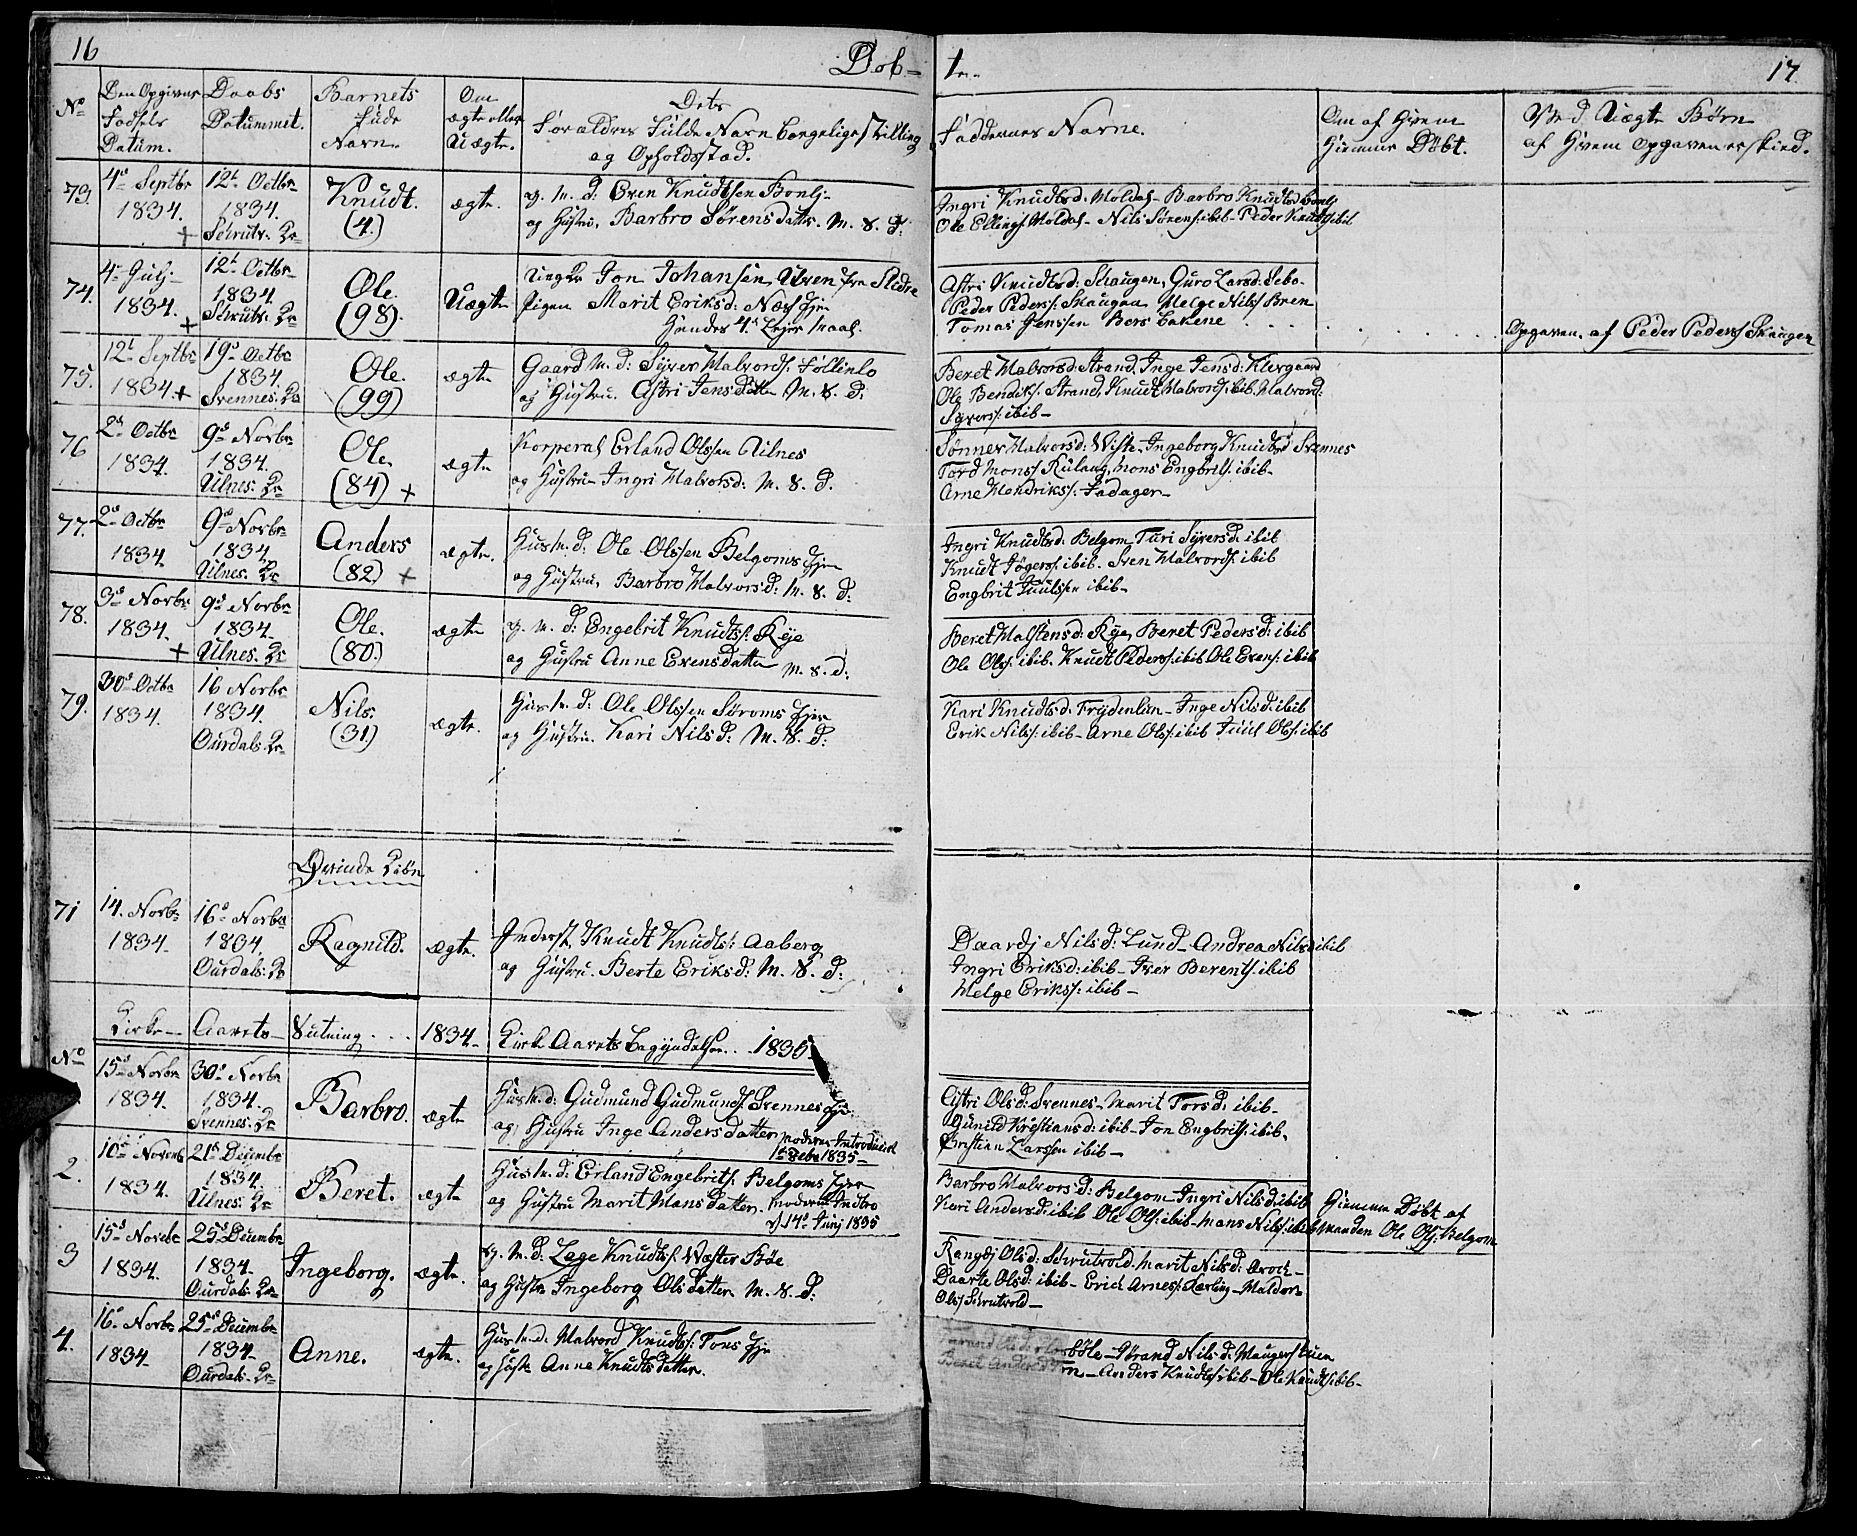 SAH, Nord-Aurdal prestekontor, Klokkerbok nr. 1, 1834-1887, s. 16-17